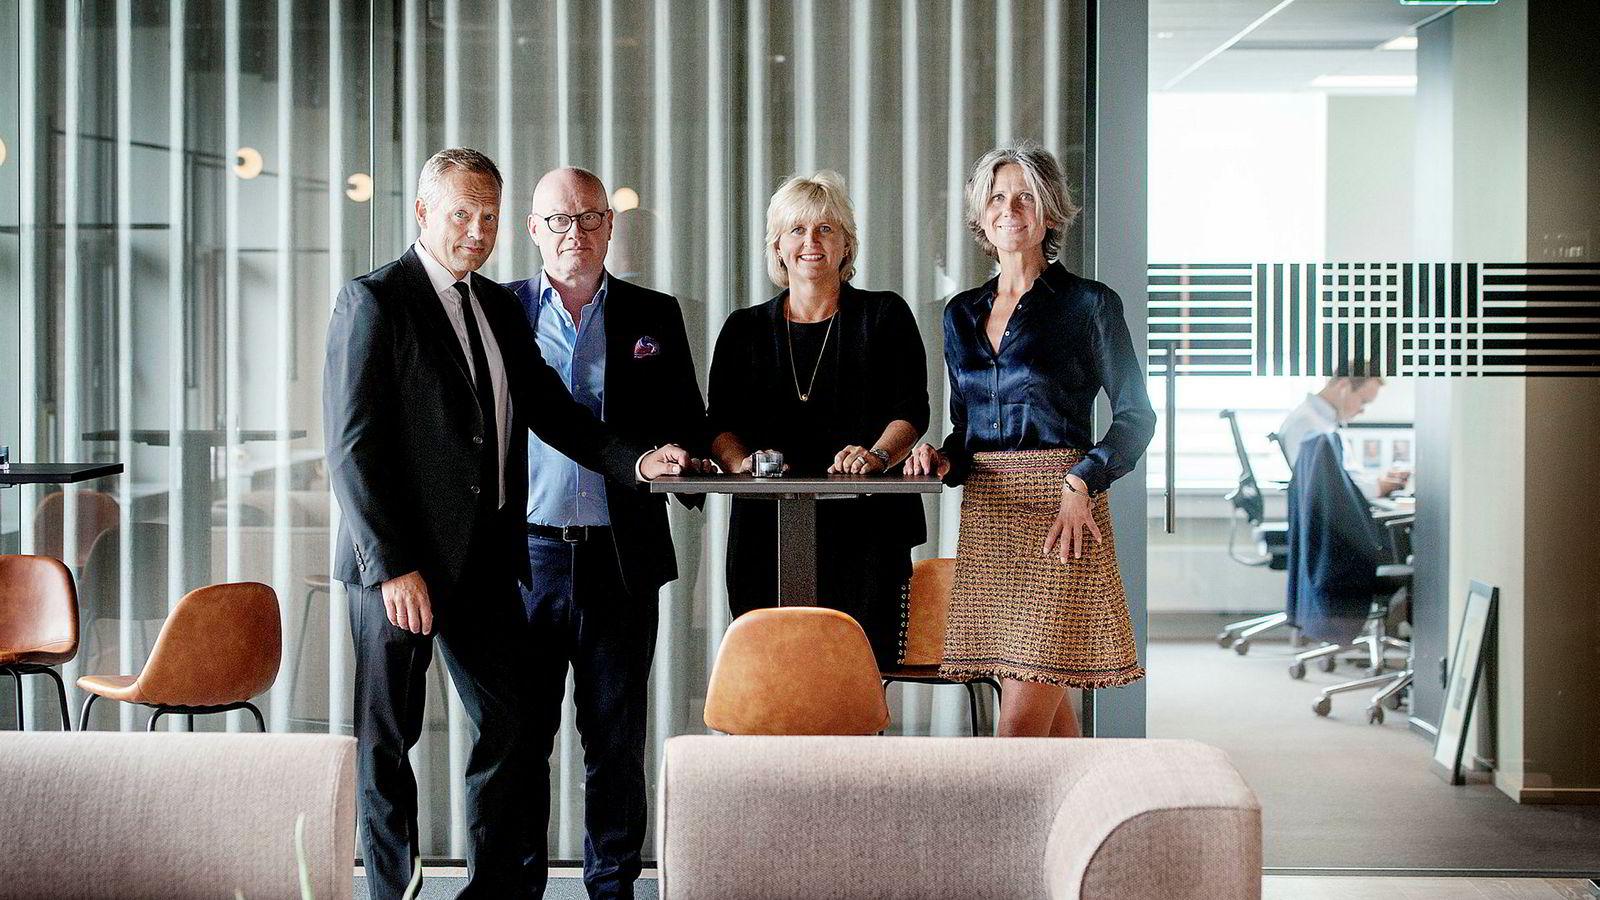 DNs næringslivspanel består av (fra venstre) partner Stig L. Bech i BAHR, direktør og seniorpartner Anne Bruun-Olsen i Cushman & Wakefield Realkapital, administrerende direktør Anne Helene Mortensen i DNB Næringsmegling og administrerende direktør og partner Bård Bjølgerud i Pangea Property Partners.